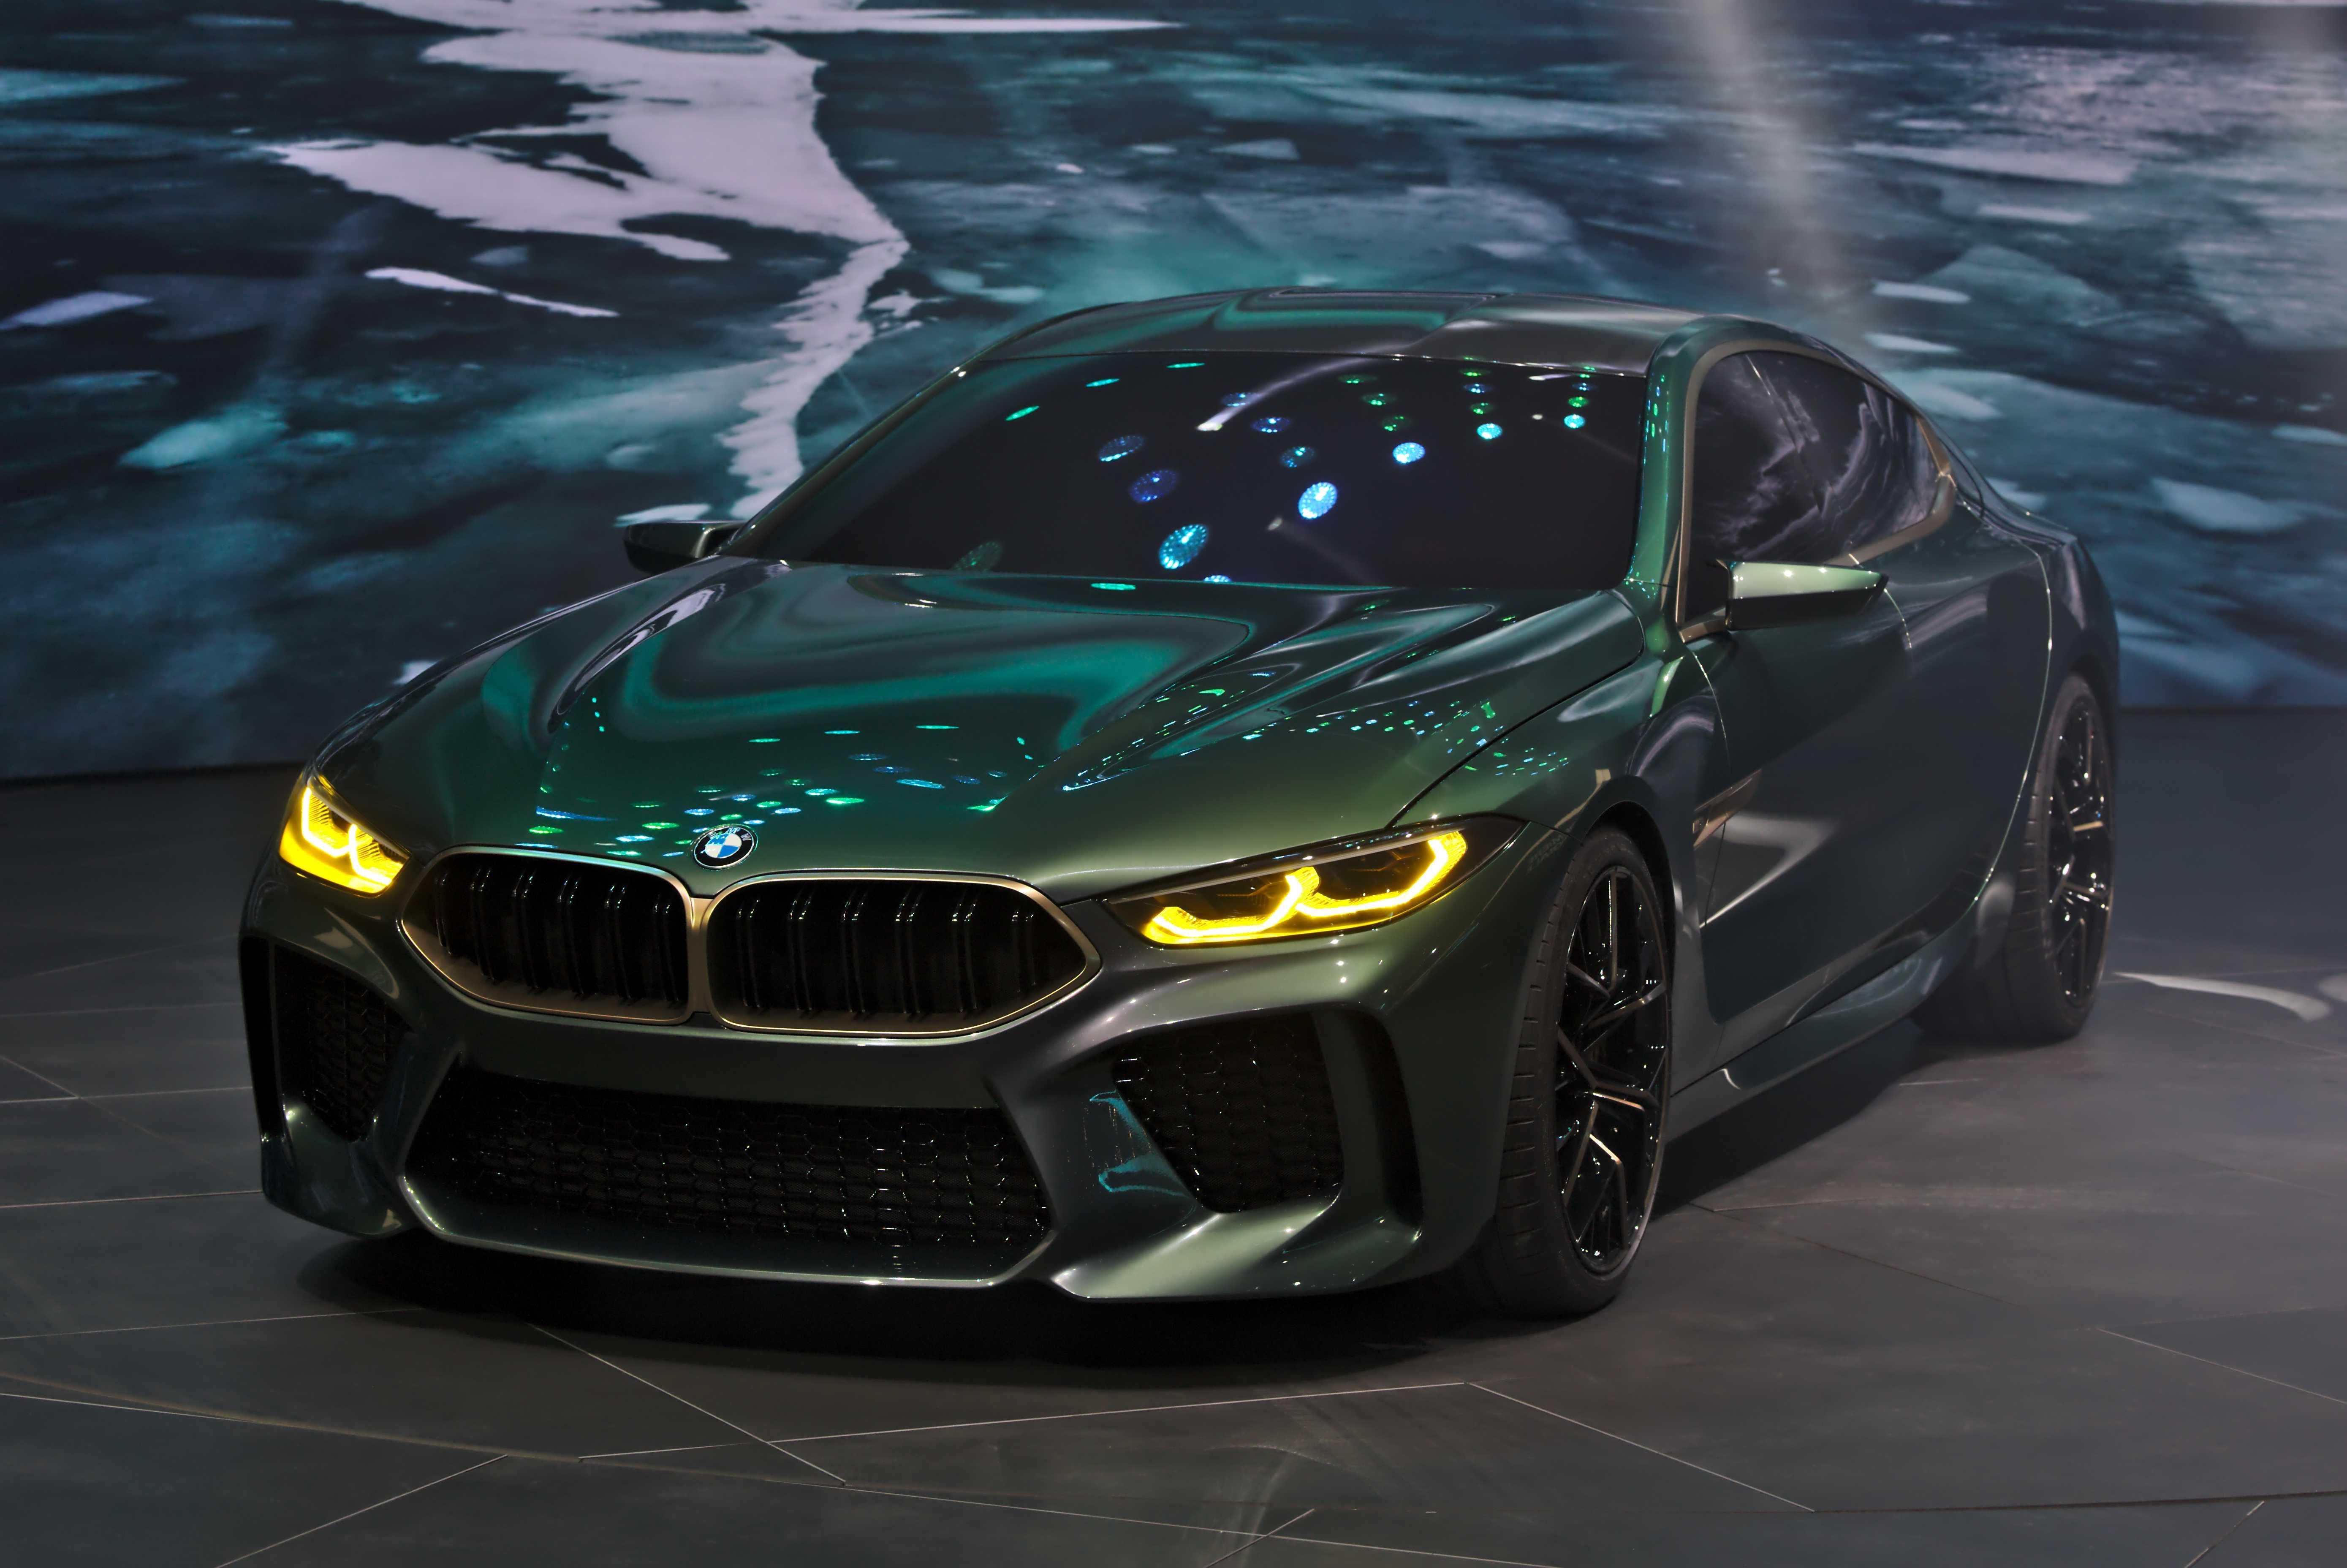 Бмв 2 серии gran coupe 2020 года уже в россии, цены, фото и комплектации новой модели